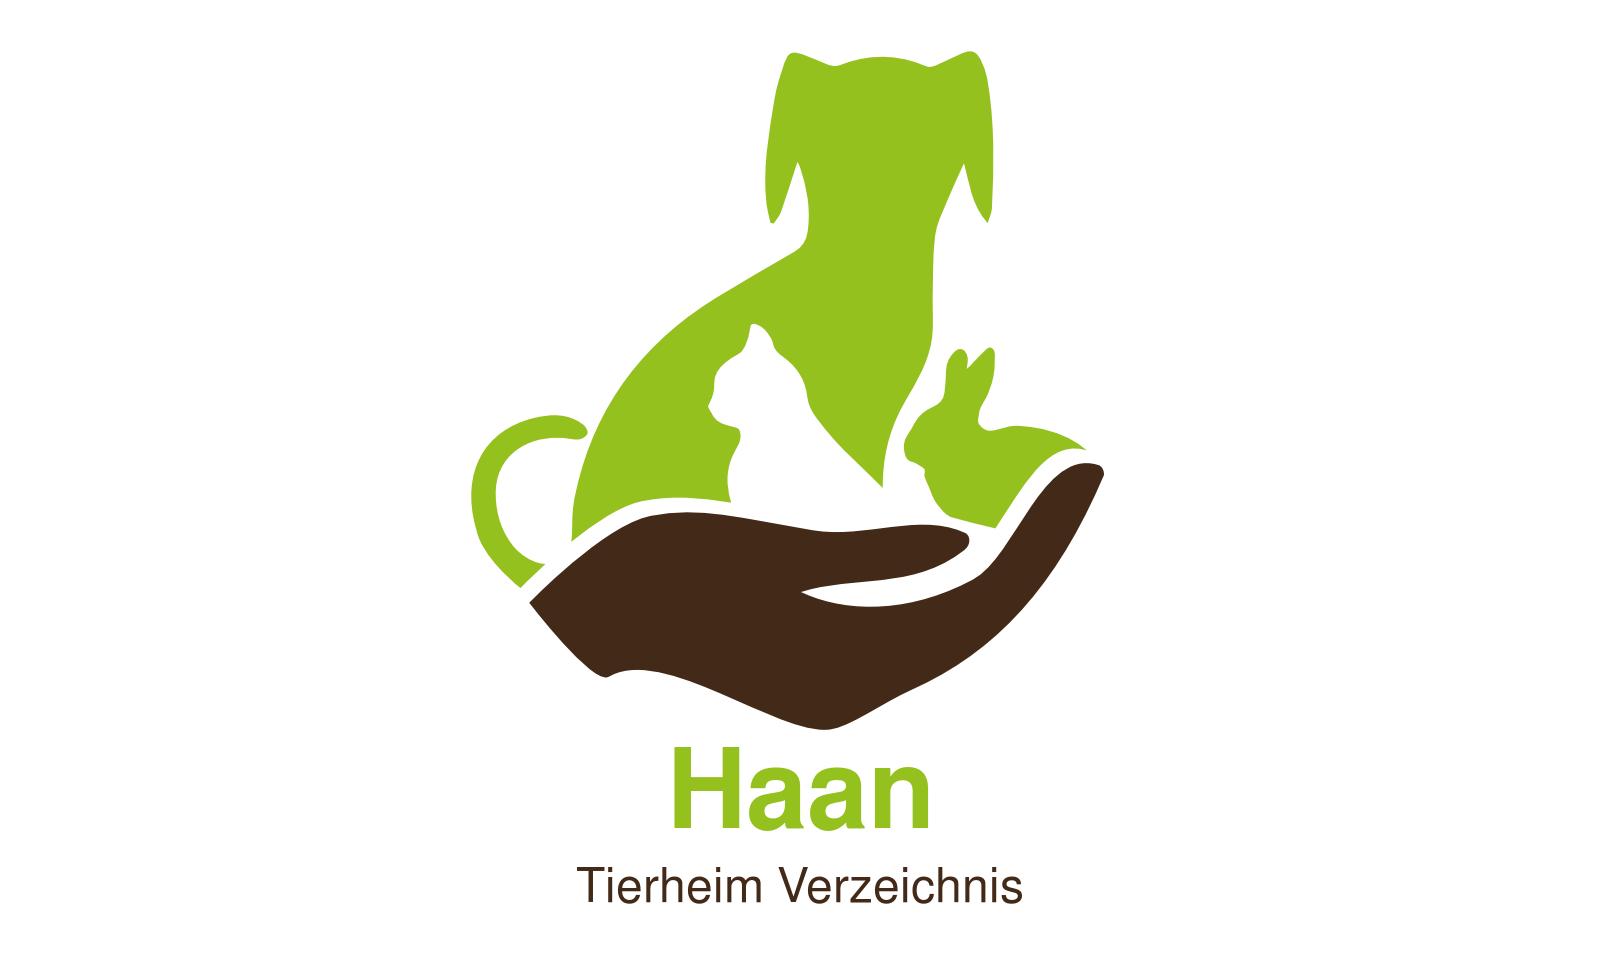 Tierheim Haan